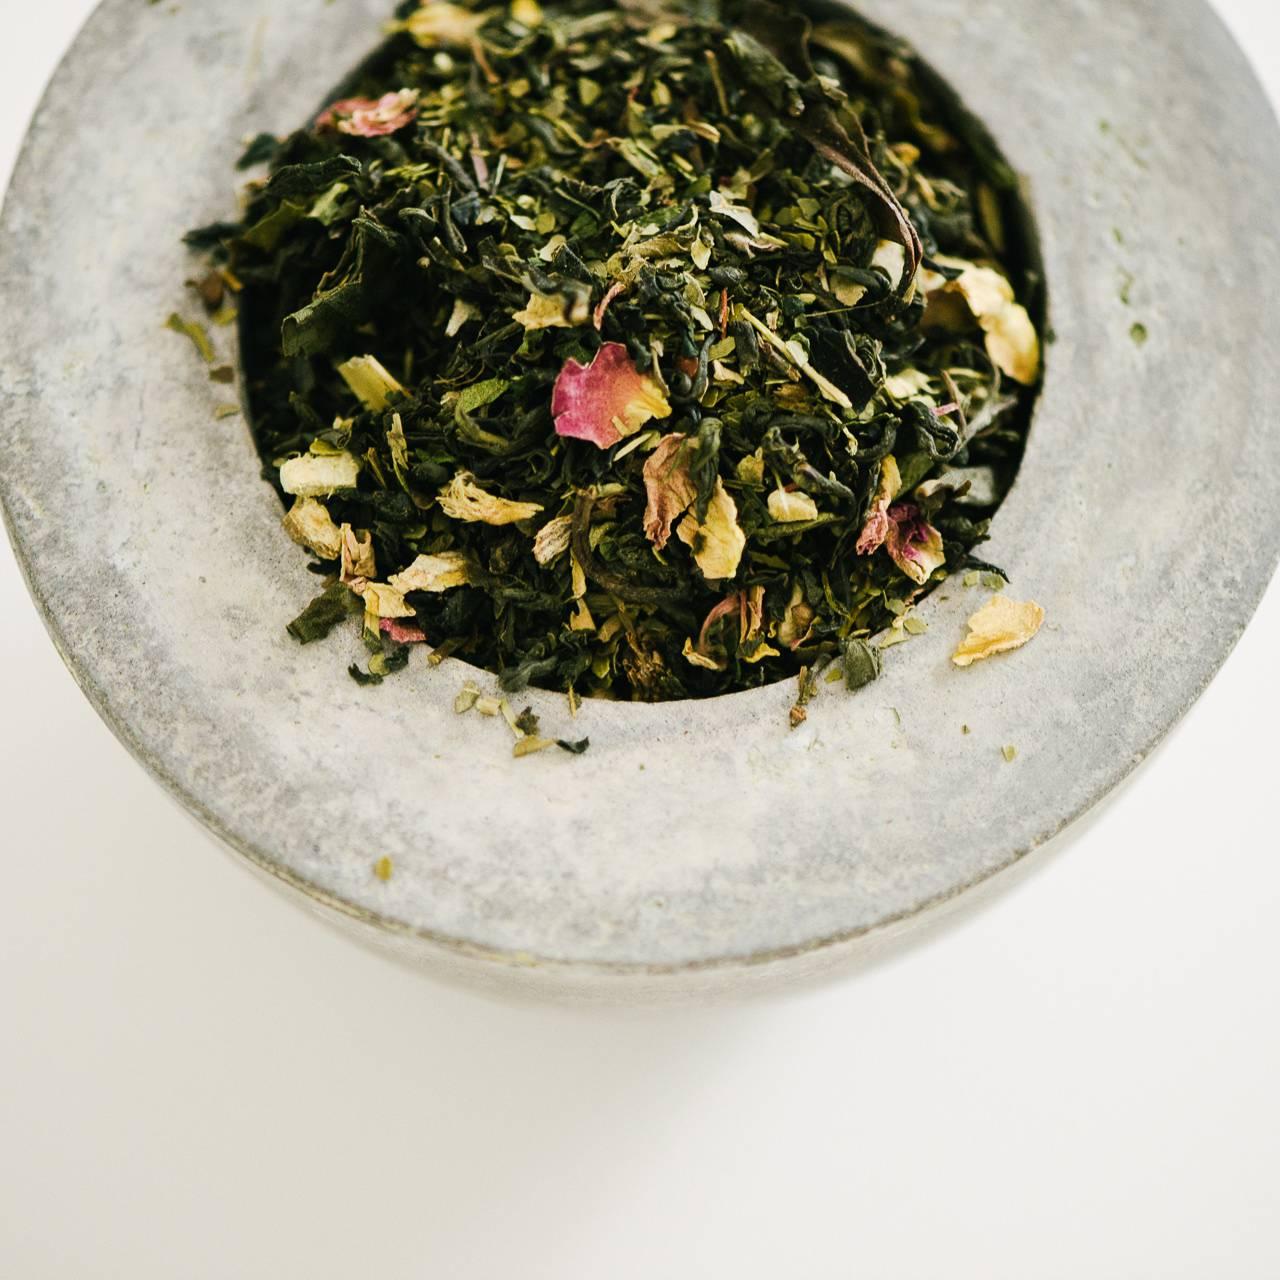 packshot réalisé pour la marque de thé Floréal - photographe la baule